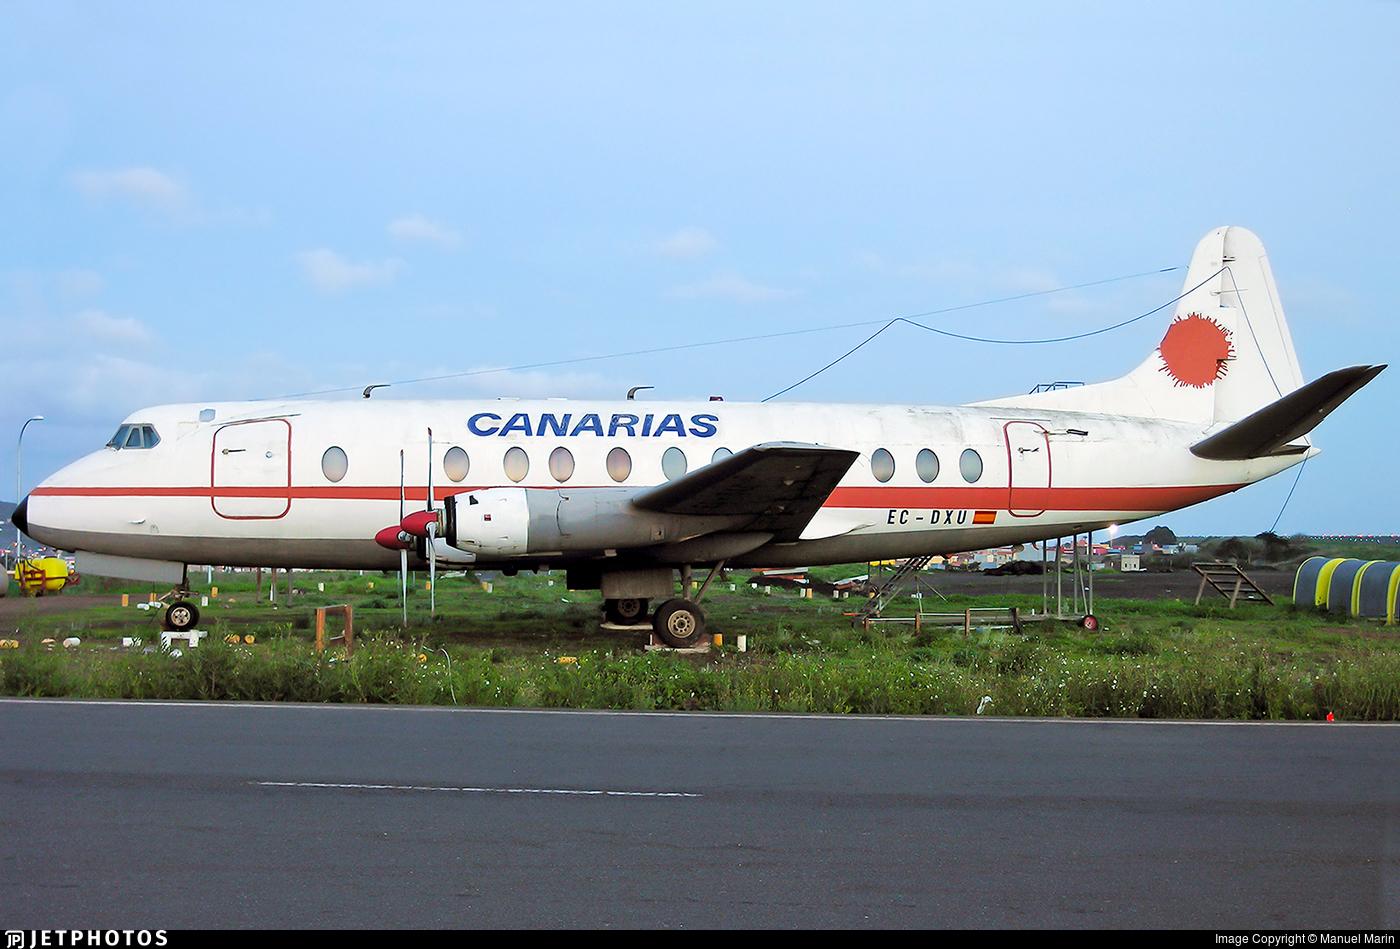 EC-DXU - Vickers Viscount 806 - Lineas Aereas Canarias (LAC)